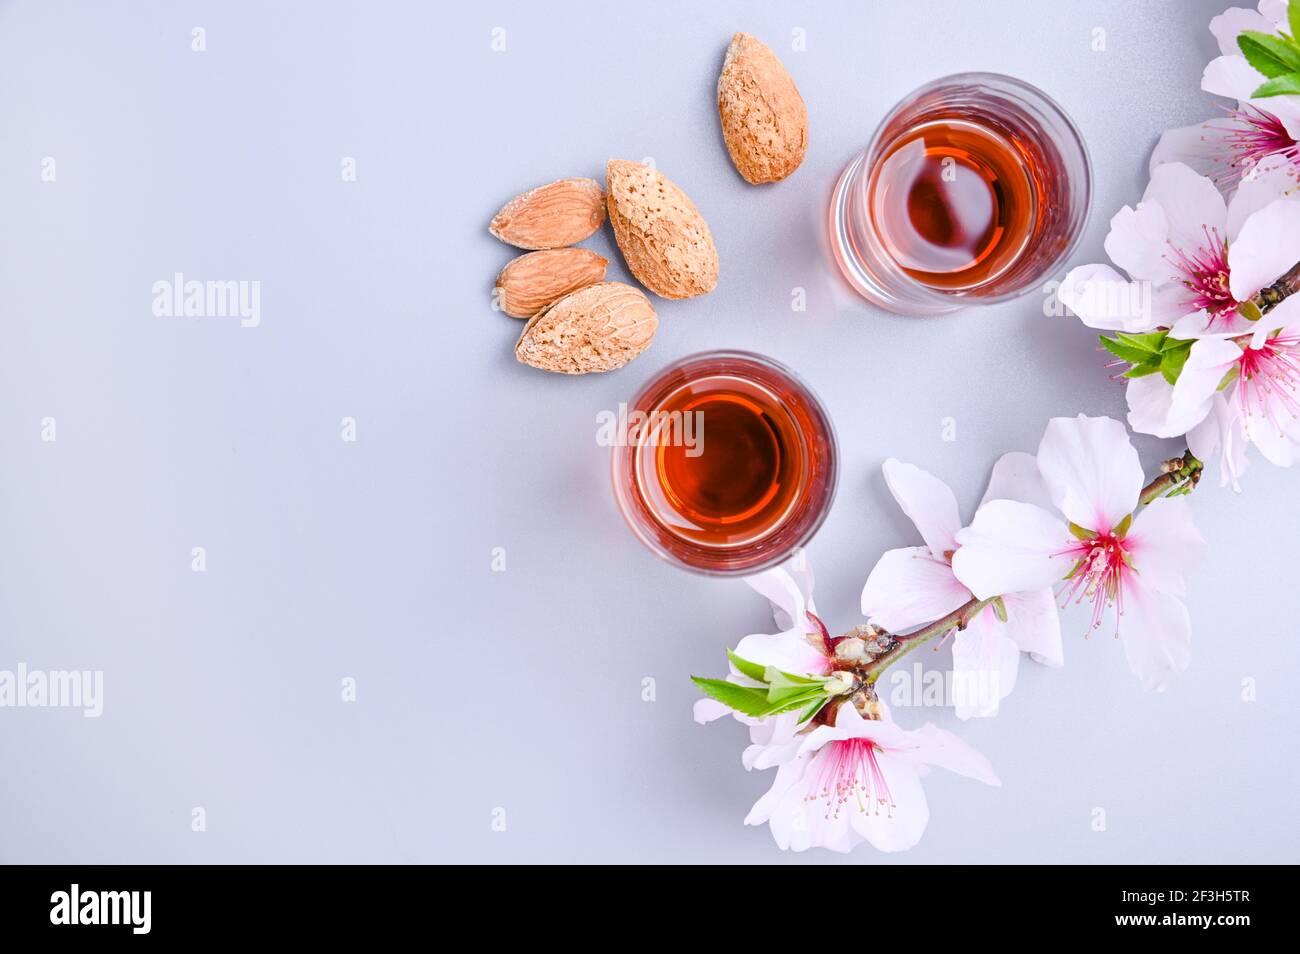 liqueur d'amande. La boisson traditionnelle forte en italie pour compléter le dîner est une liqueur à base de noix et de baies. Ratafia, alcool en cours. Vue de dessus sur la table. Copier l'espace Banque D'Images